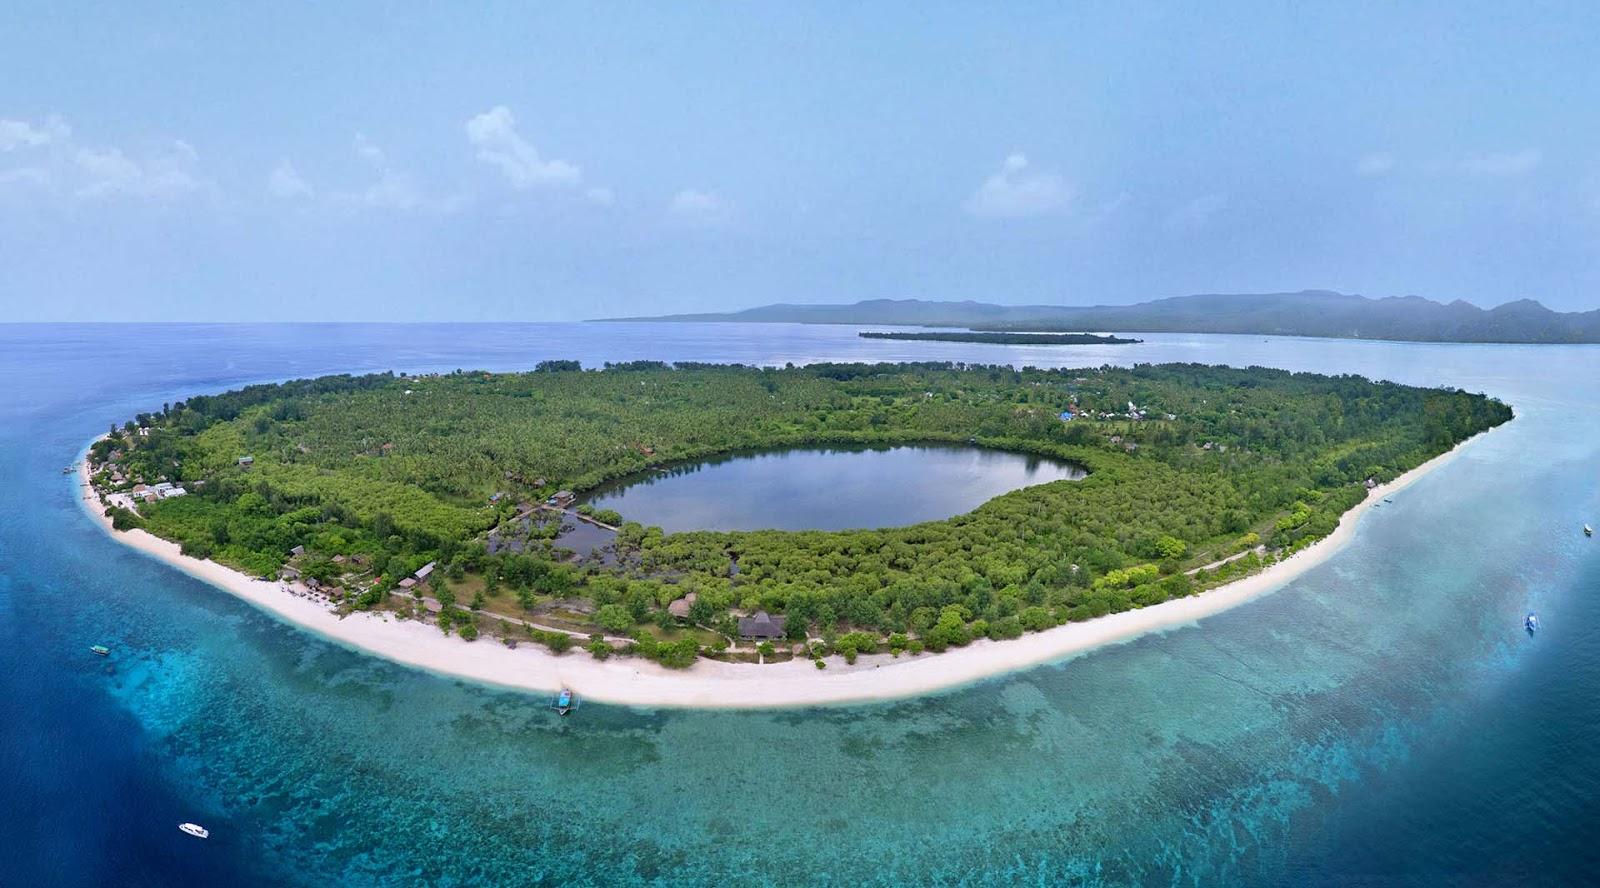 Pulau di Gili Trawangan yang indah dan manis